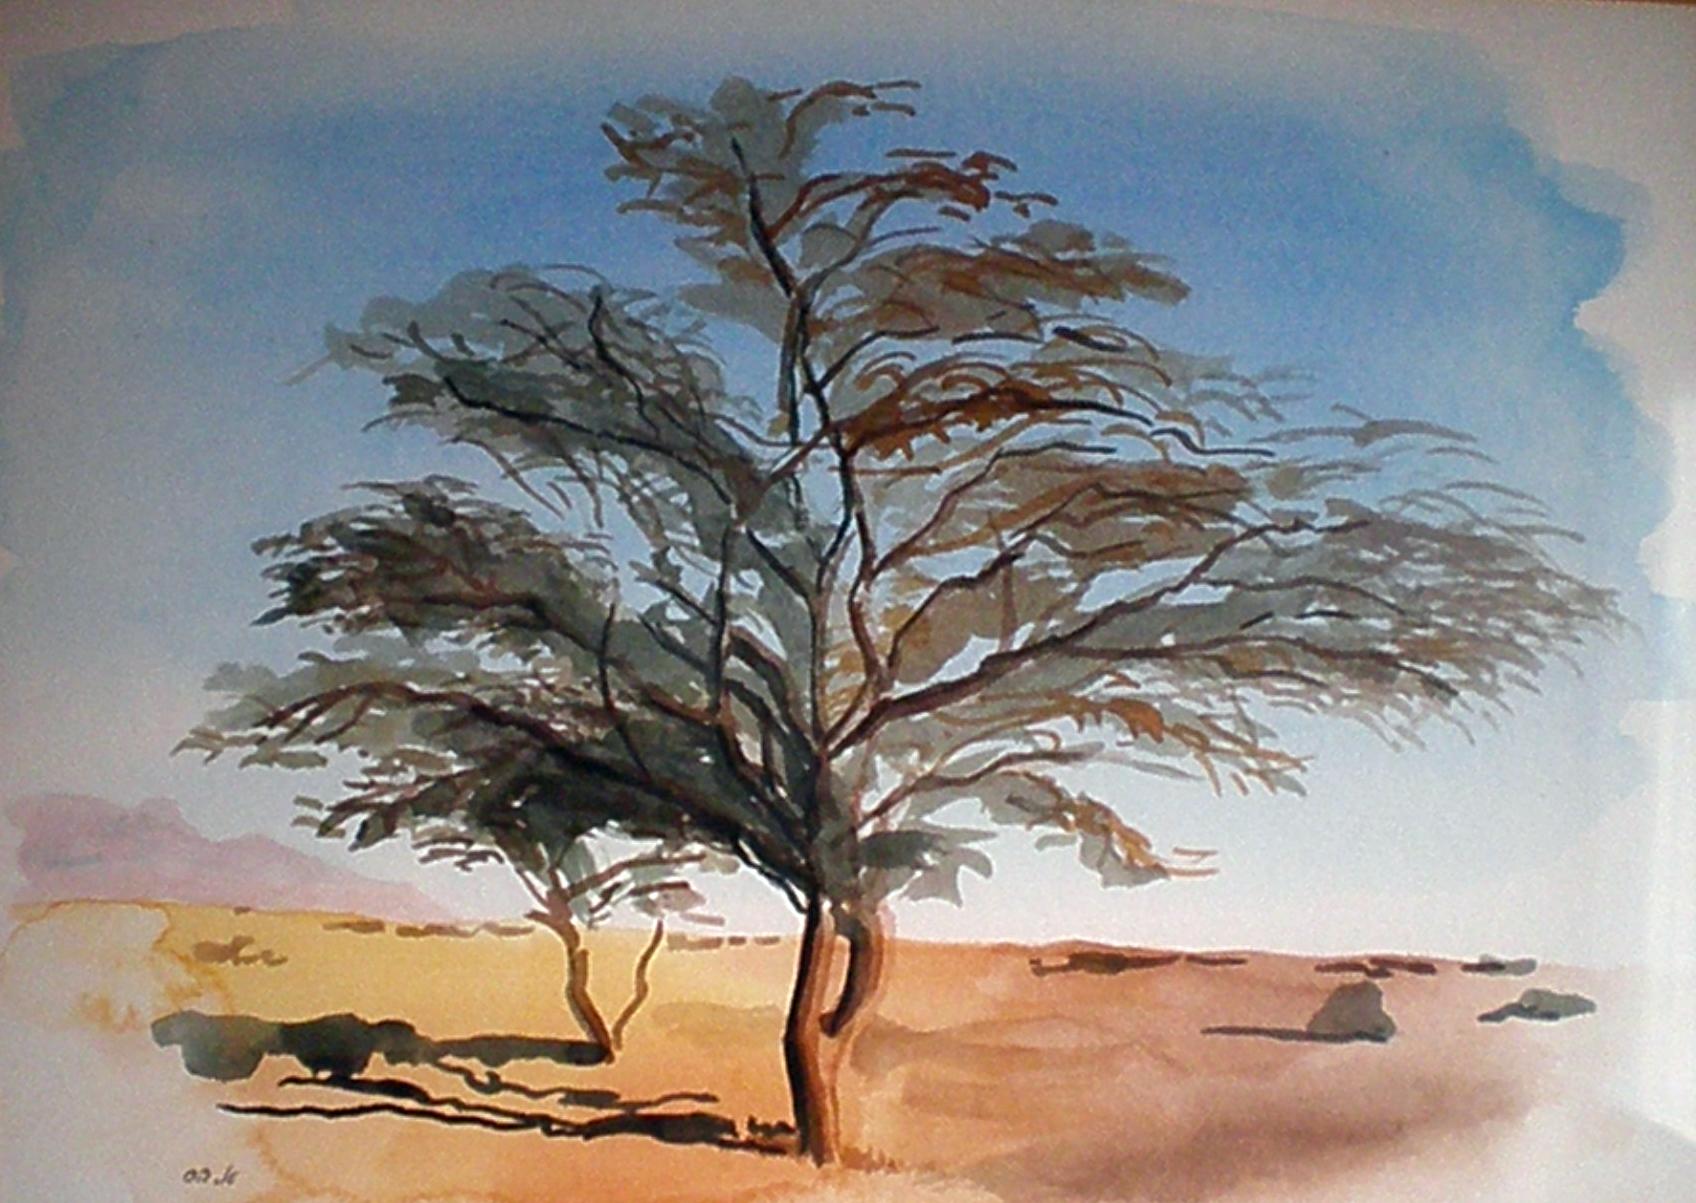 על הדרך עץ עומד - תמונת אקוורל מאת אסתי הס